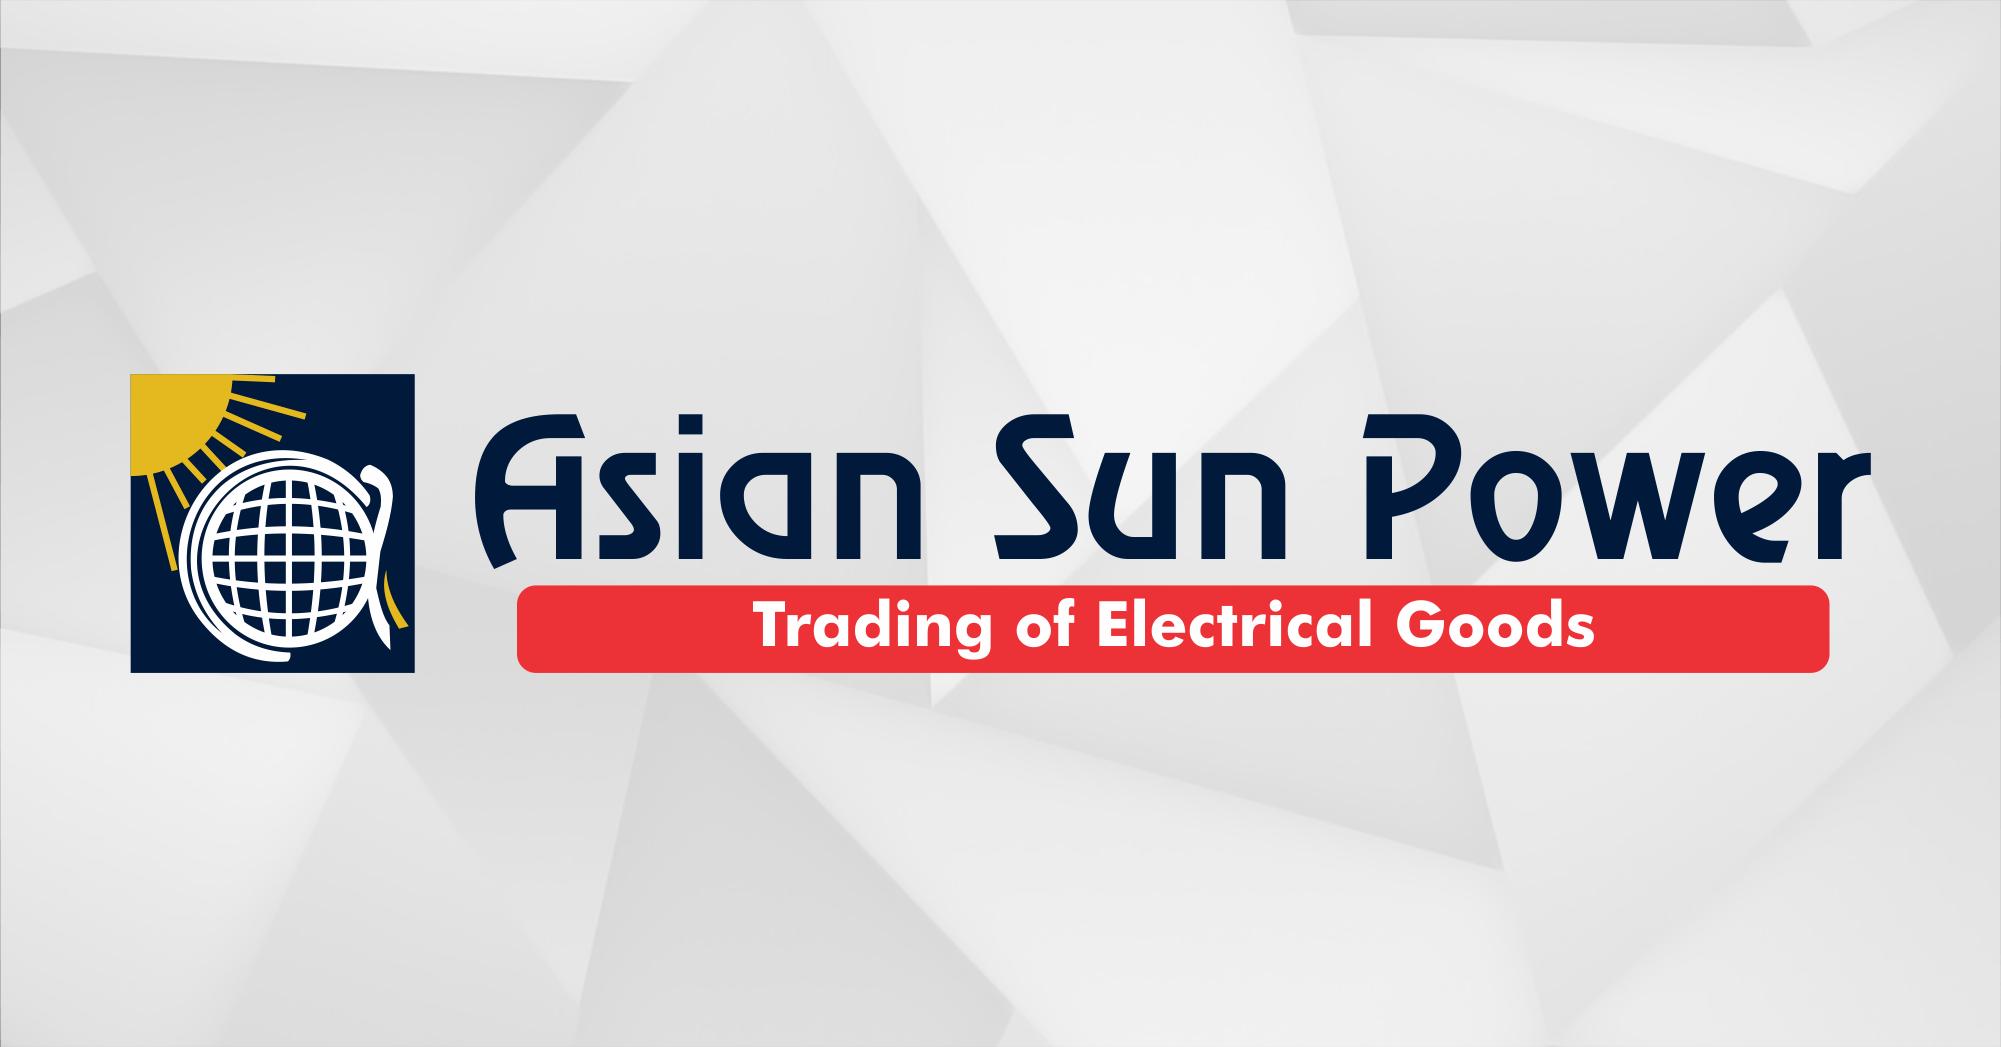 asian-sun-power-logo-1 Shree